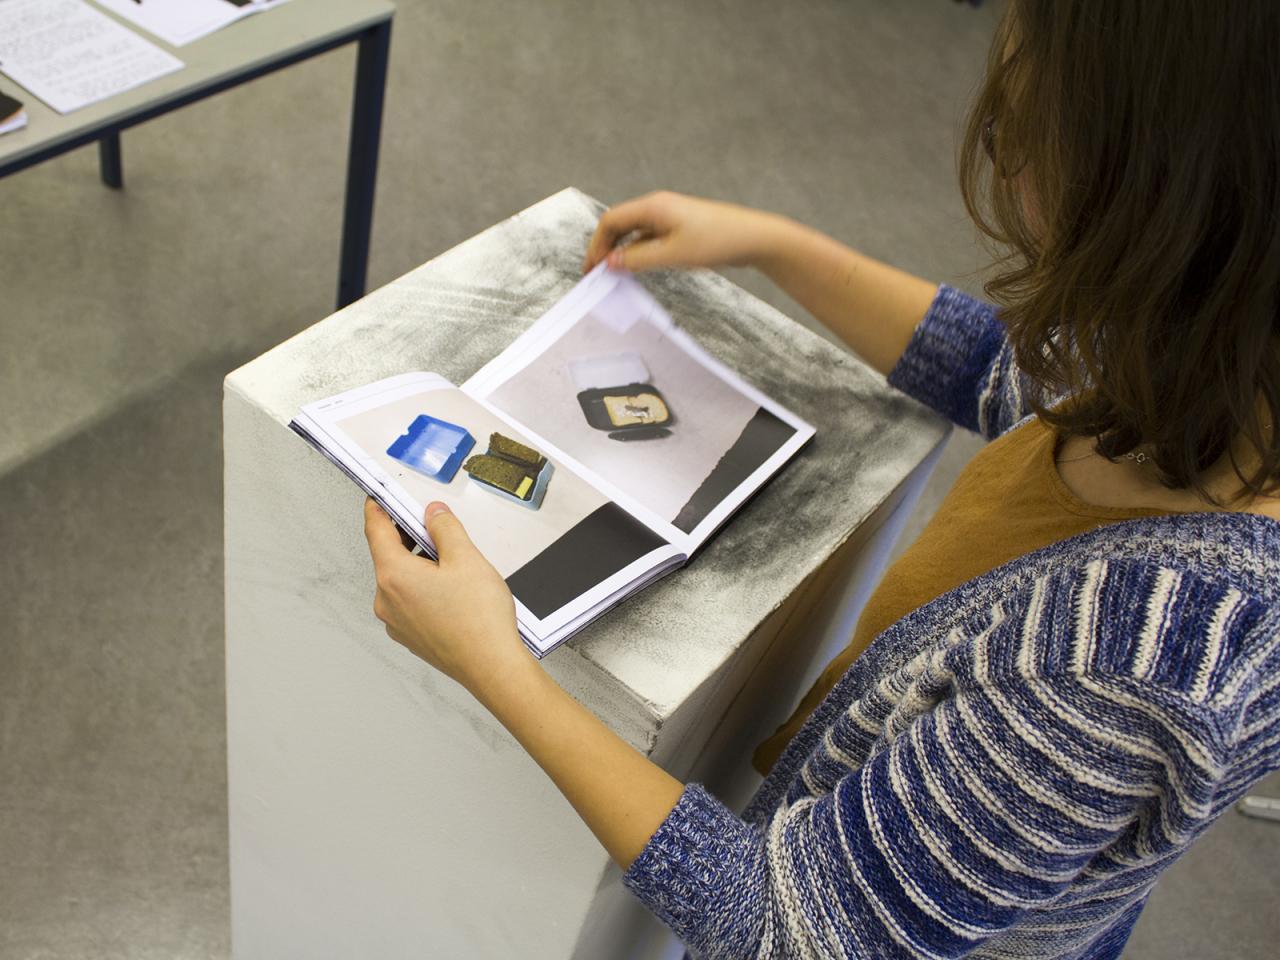 Jiawei van Kleef Subjective atlas Norit at Noorderlicht Groningen